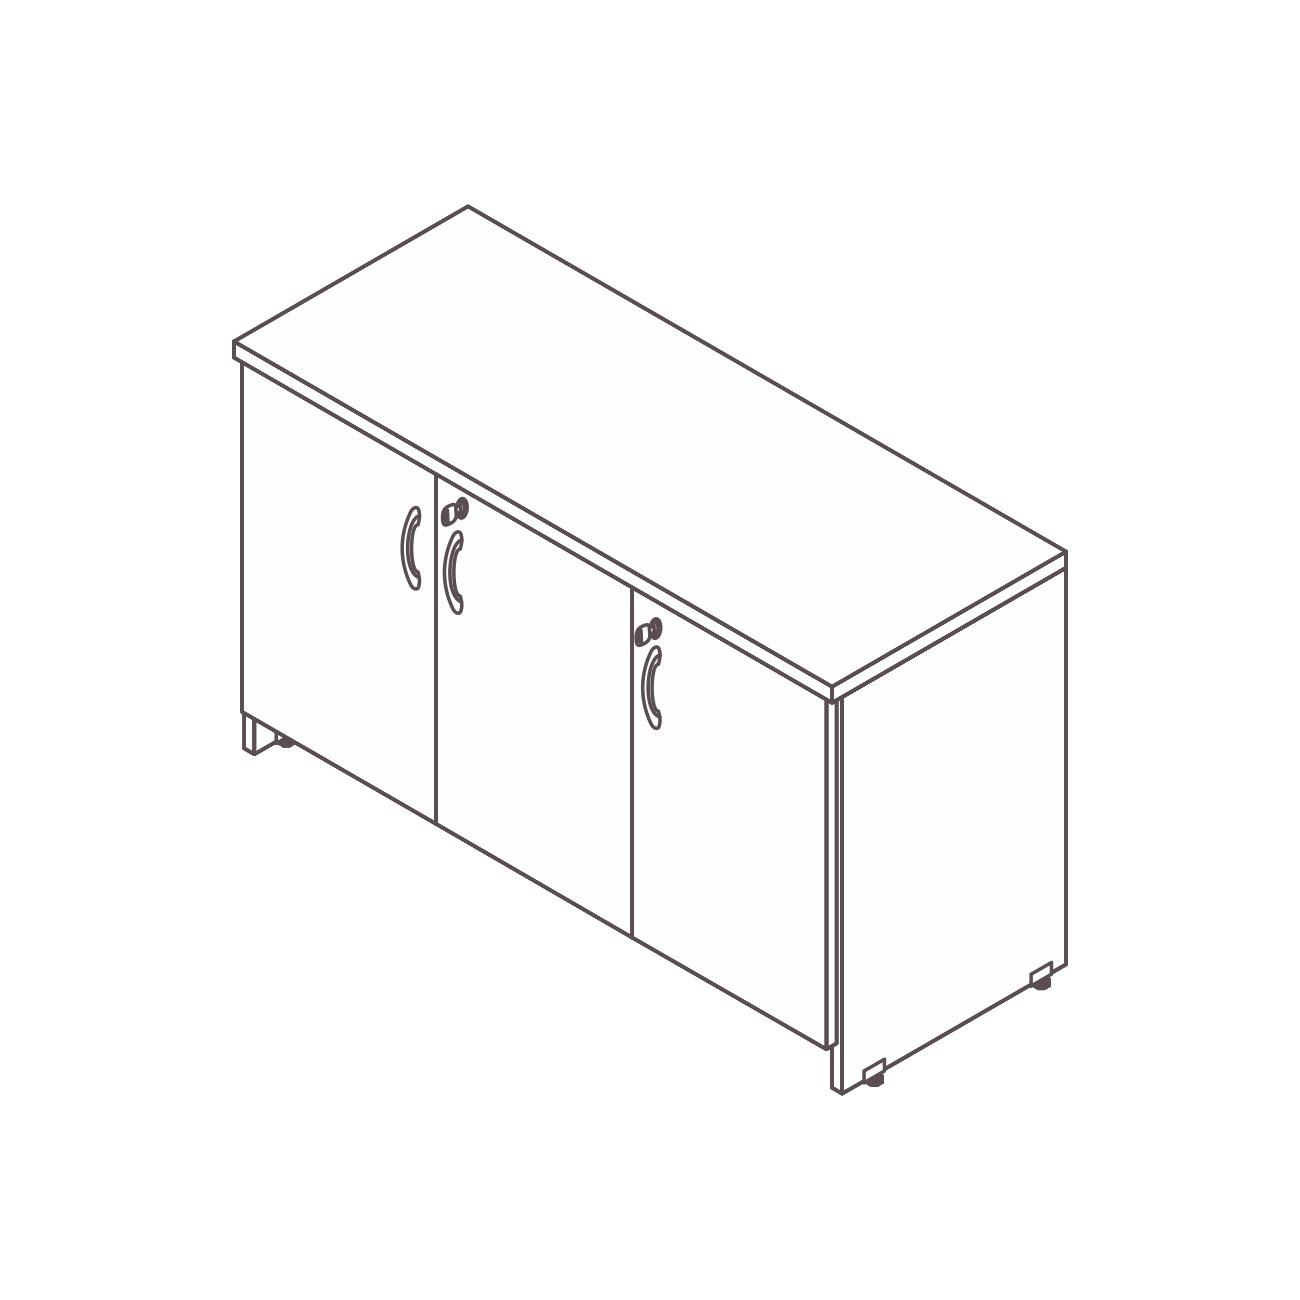 Credenza 3 portas prata top